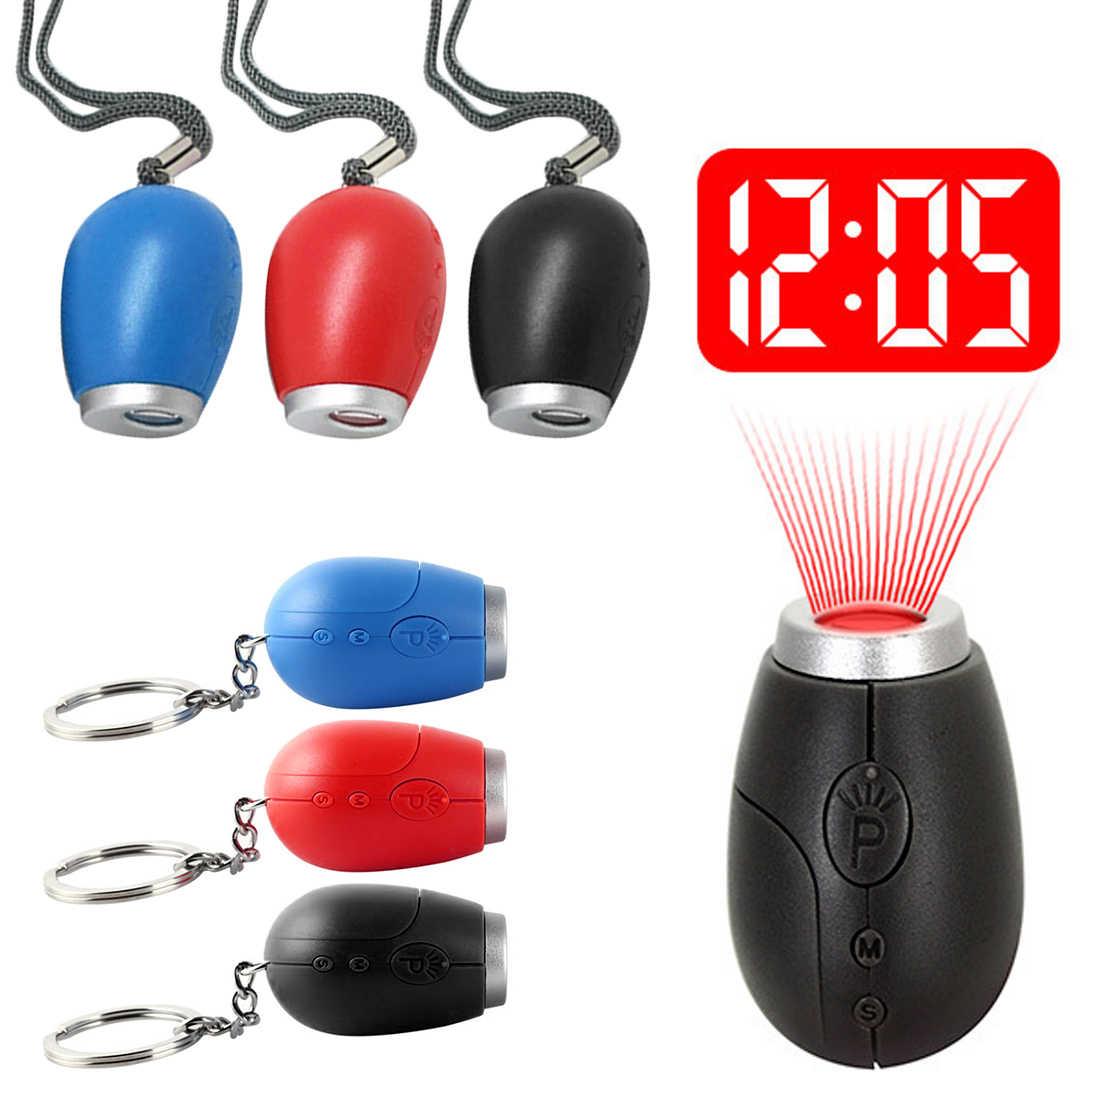 ساعة محمولة صغيرة الإسقاط الرقمي على مدار الساعة دلاية مفاتيح LED ساعة ذات تصميم رائع ليلة ضوء السحر العارض ساعة despertador